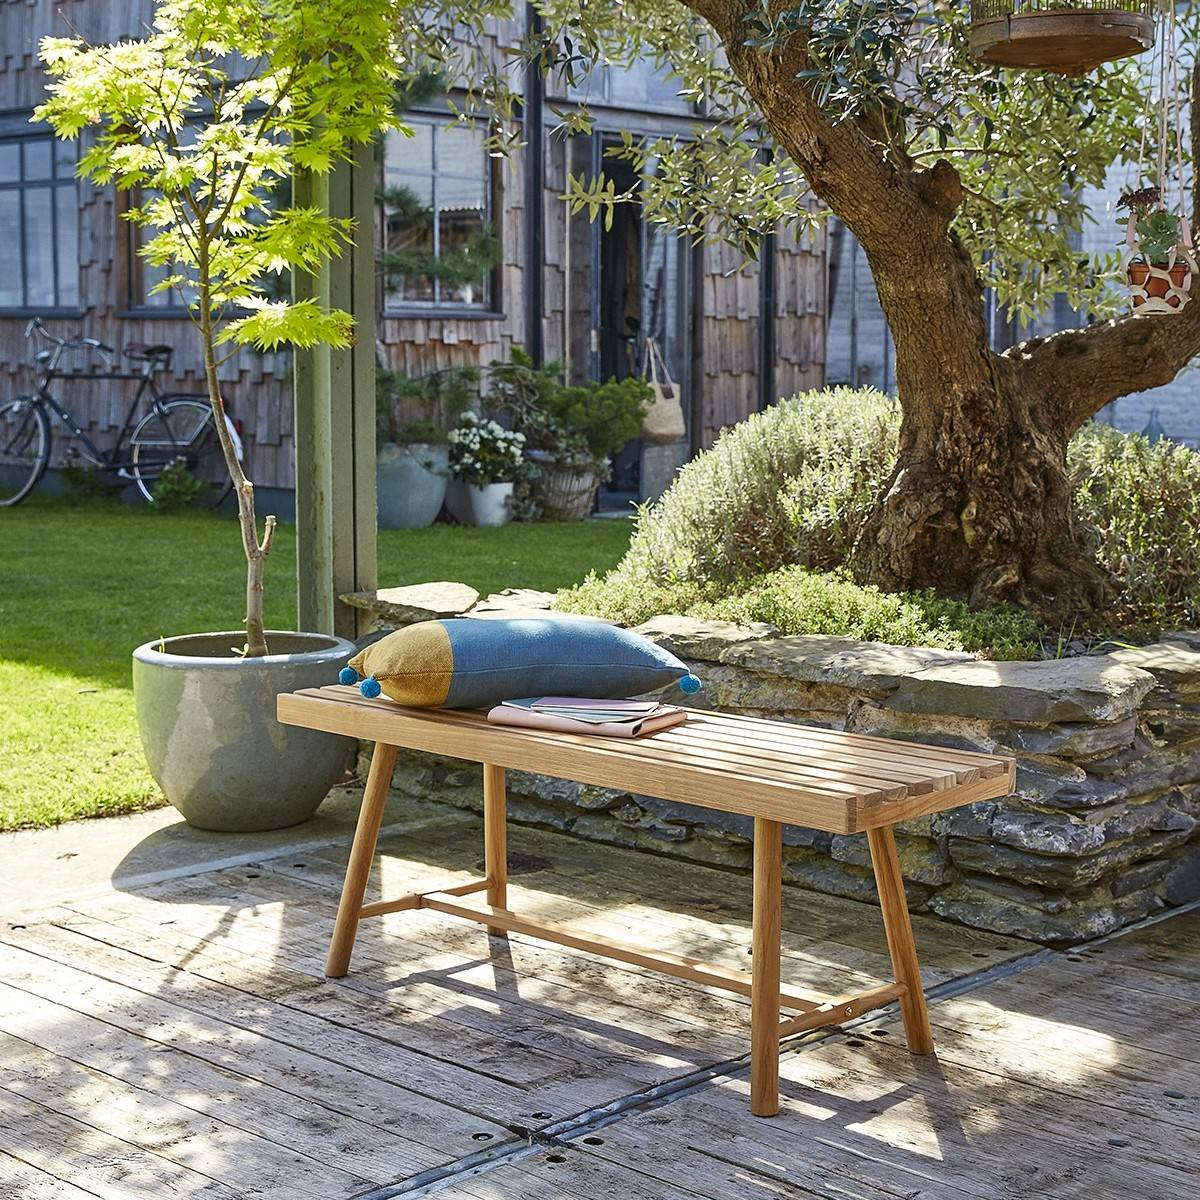 BOIS DESSUS BOIS DESSOUS Banc de jardin en teck 120 cm BOIS DESSUS BOIS DESSOUS